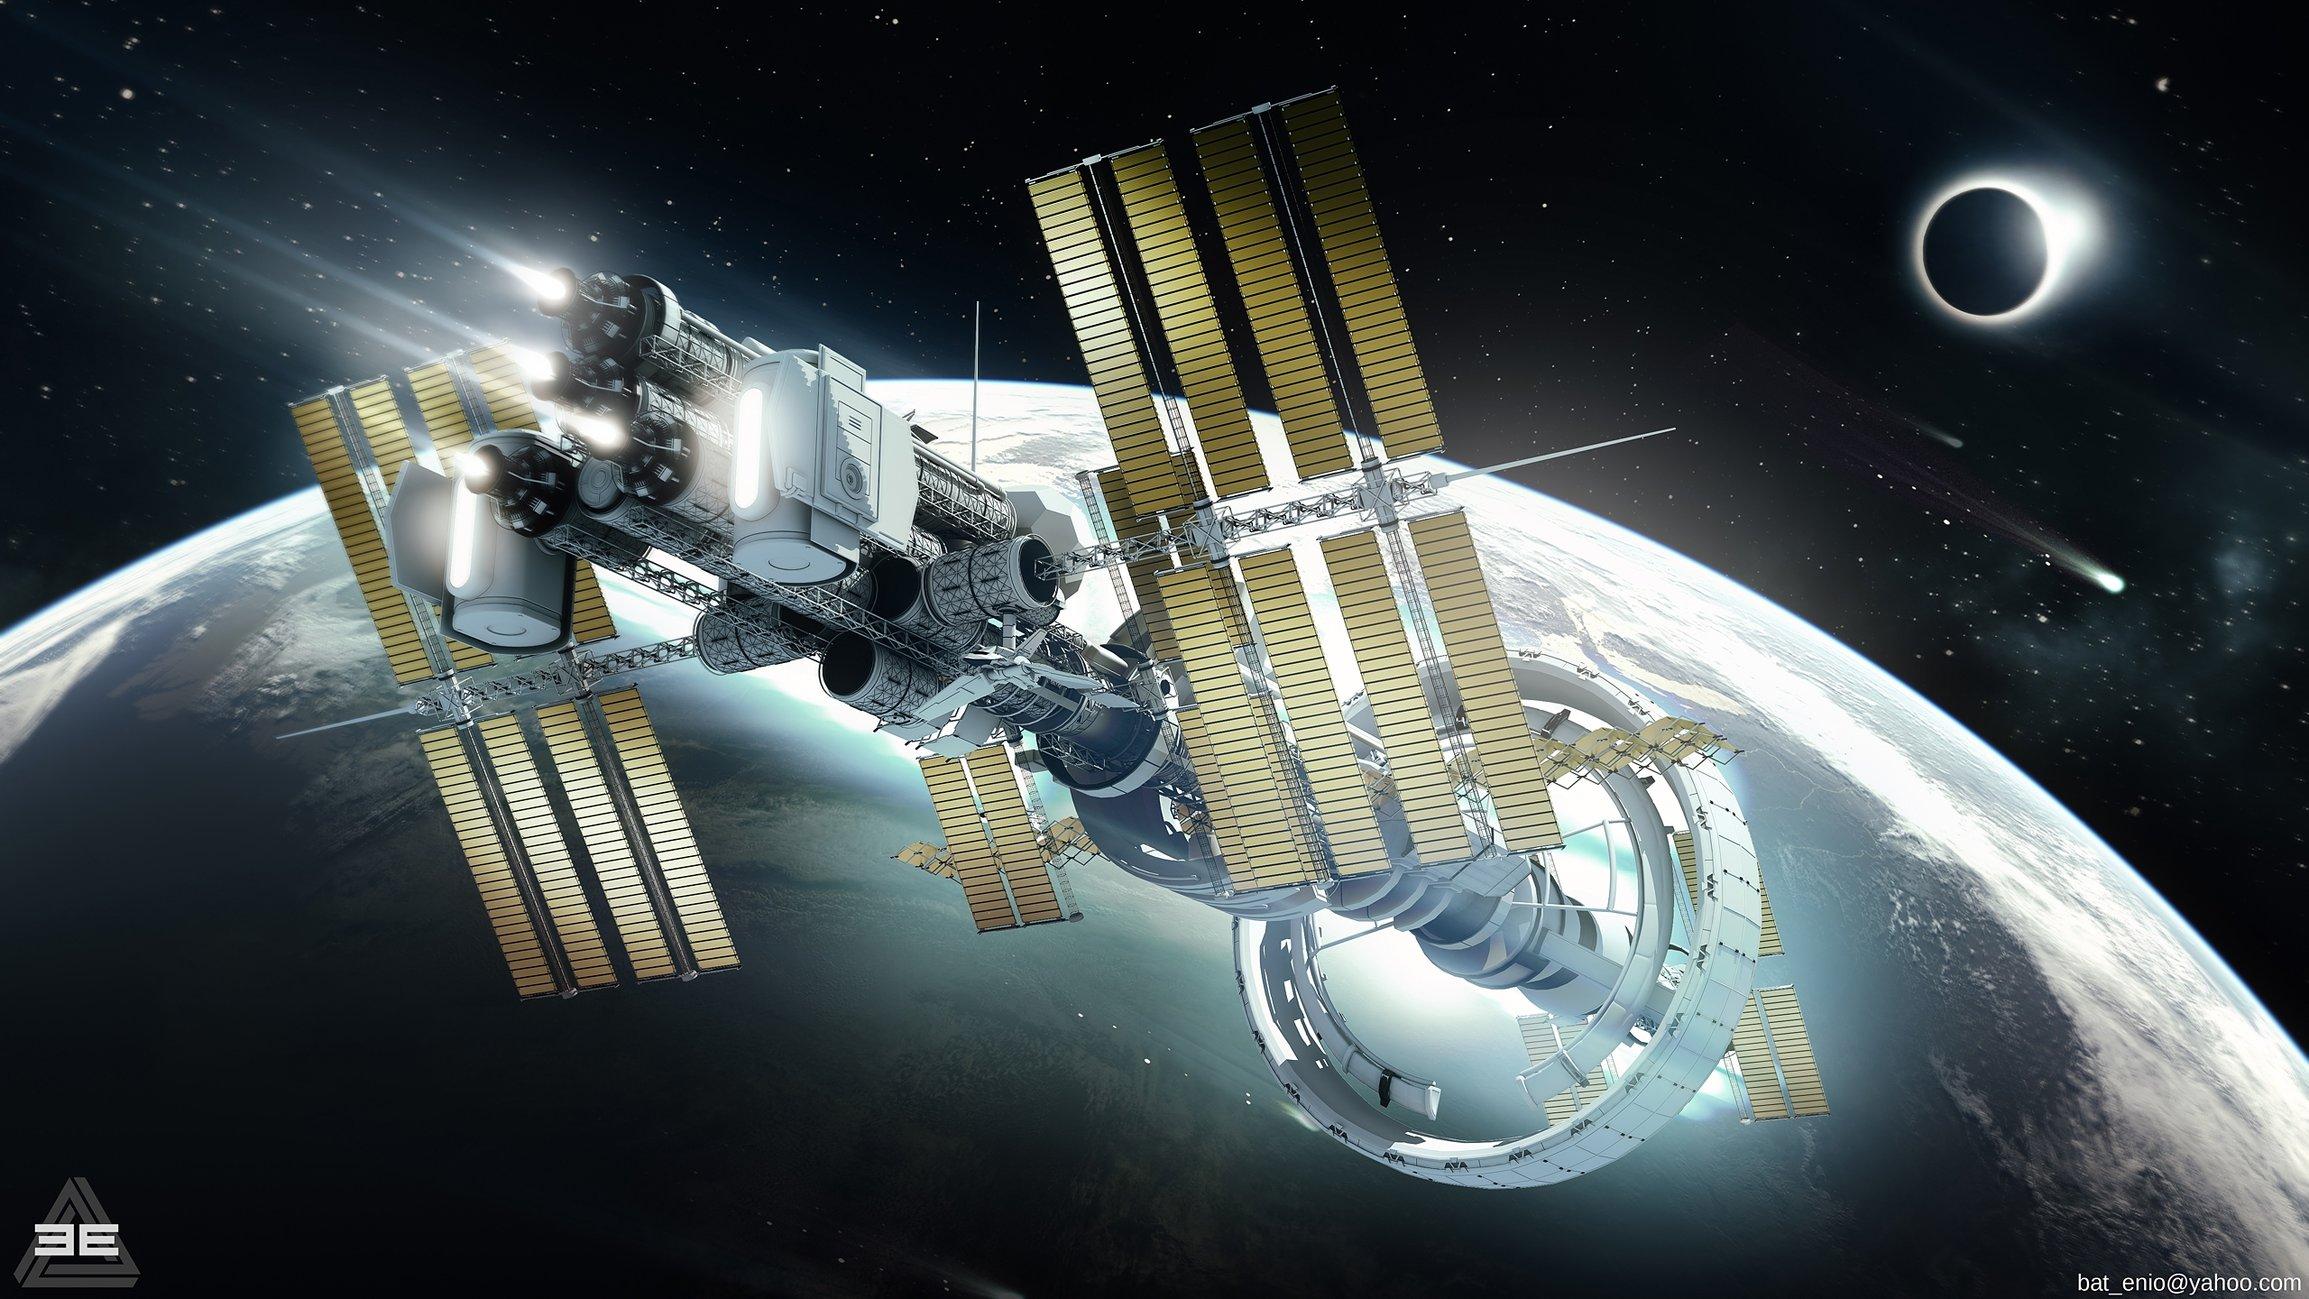 Conceptual spaceships of the future (photos) 10